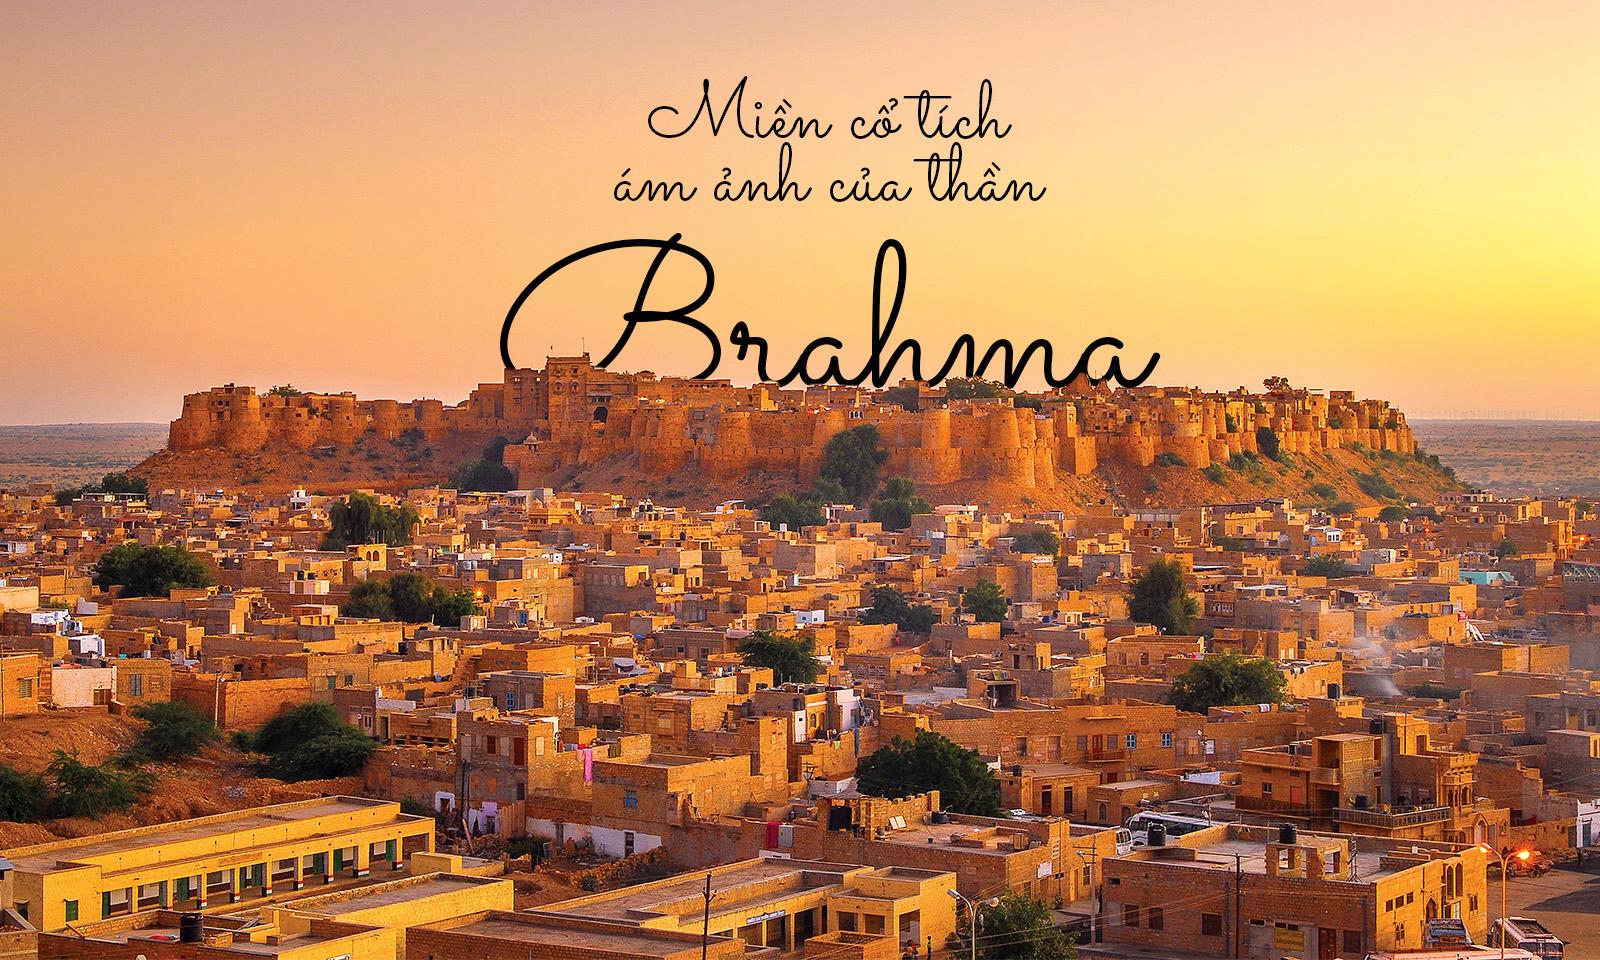 Miền cổ tích ám ảnh của thần Brahma